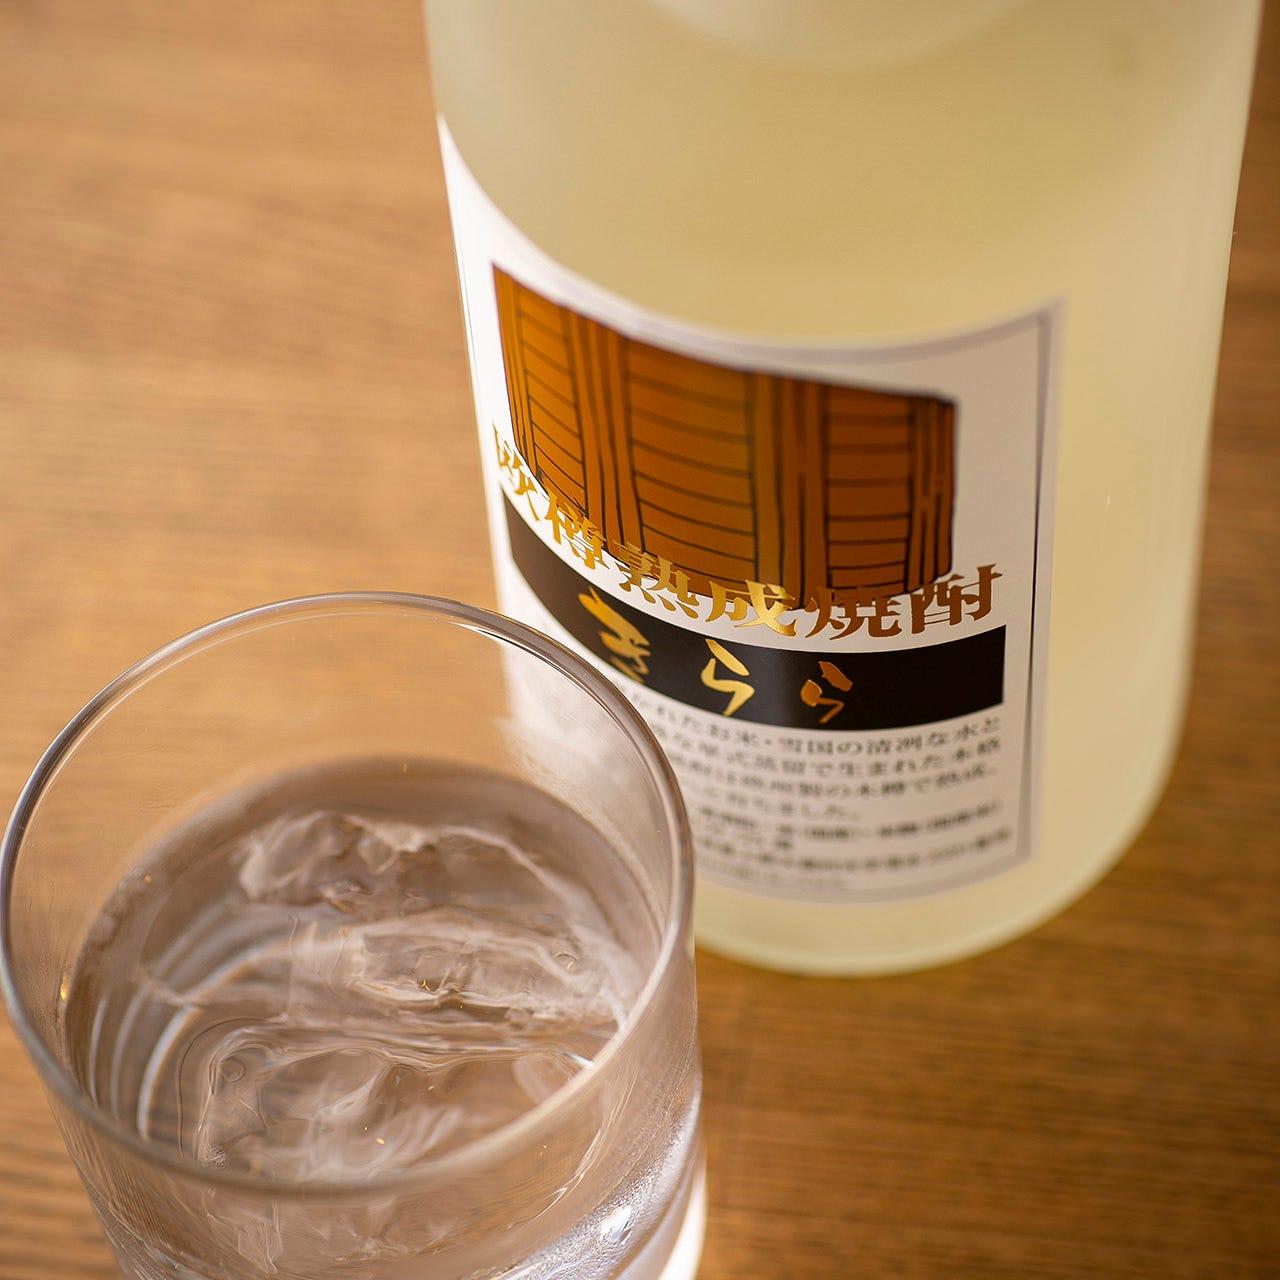 厳選仕入れの焼酎や淡路の日本酒